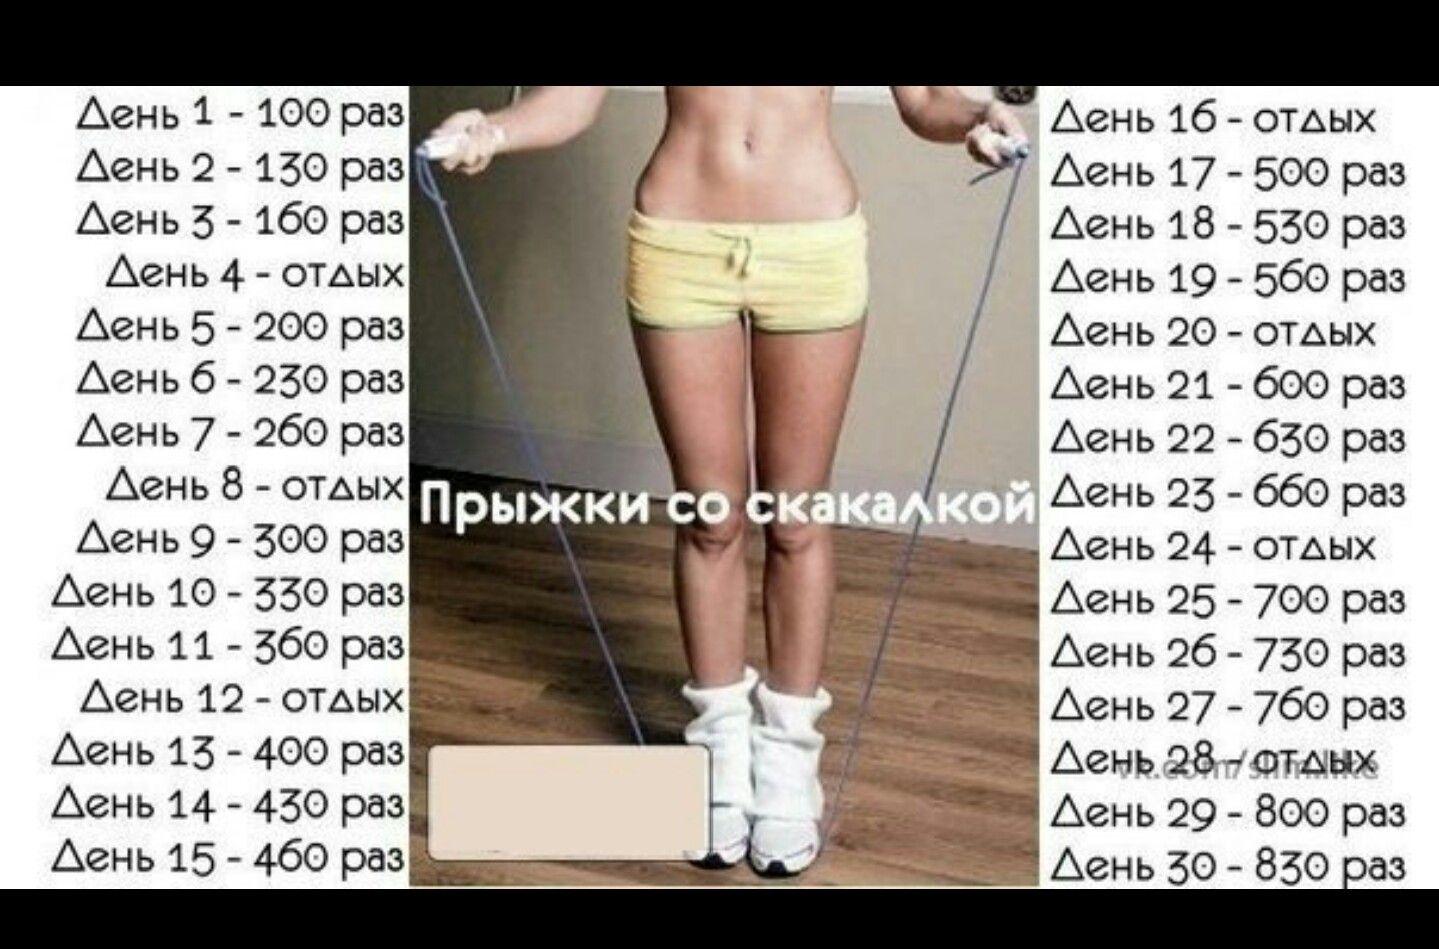 Занятие со скакалкой для похудения